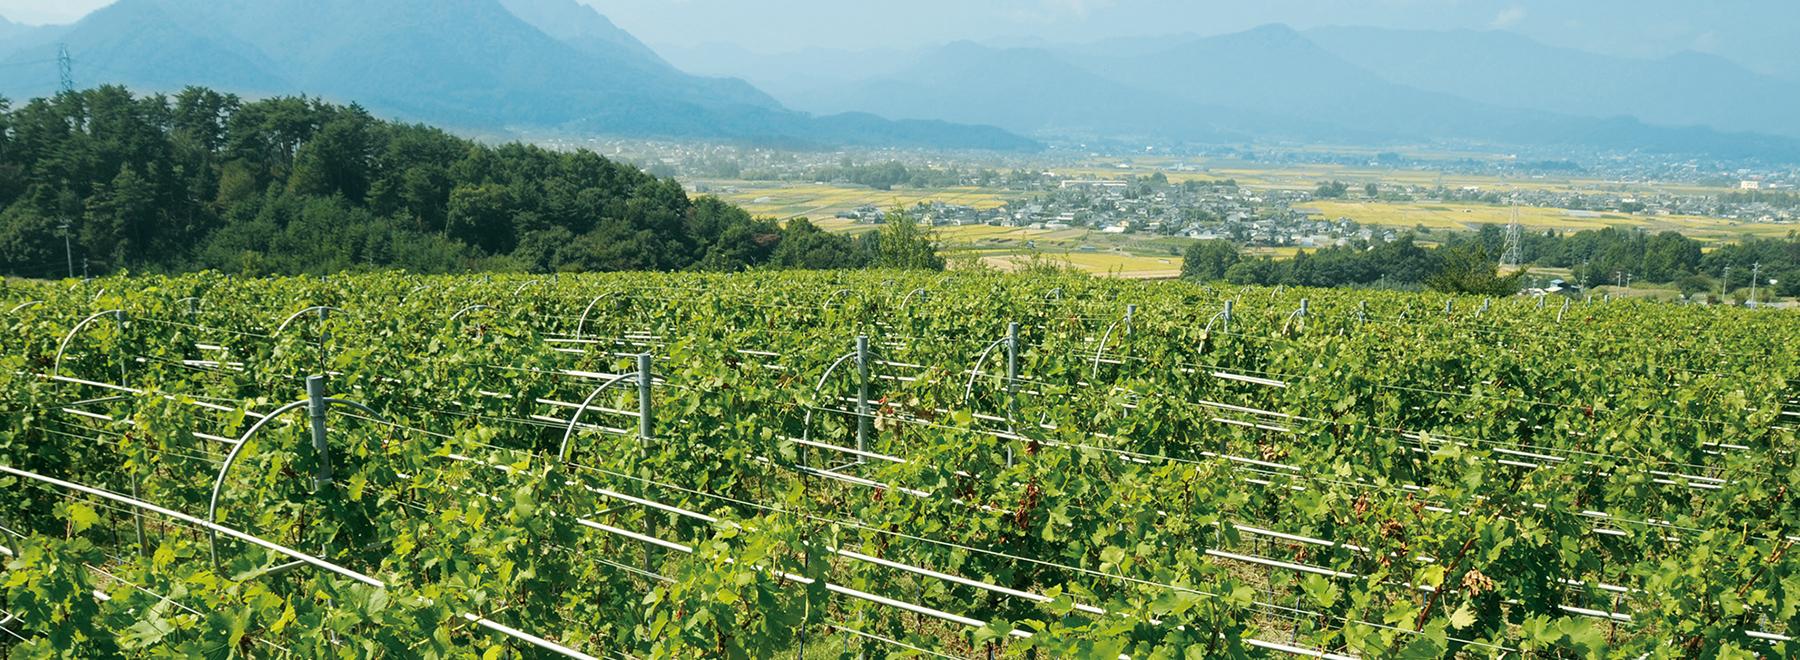 マンズワインがぶどう栽培の適地として選んだ長野県上田市塩田平東山地区